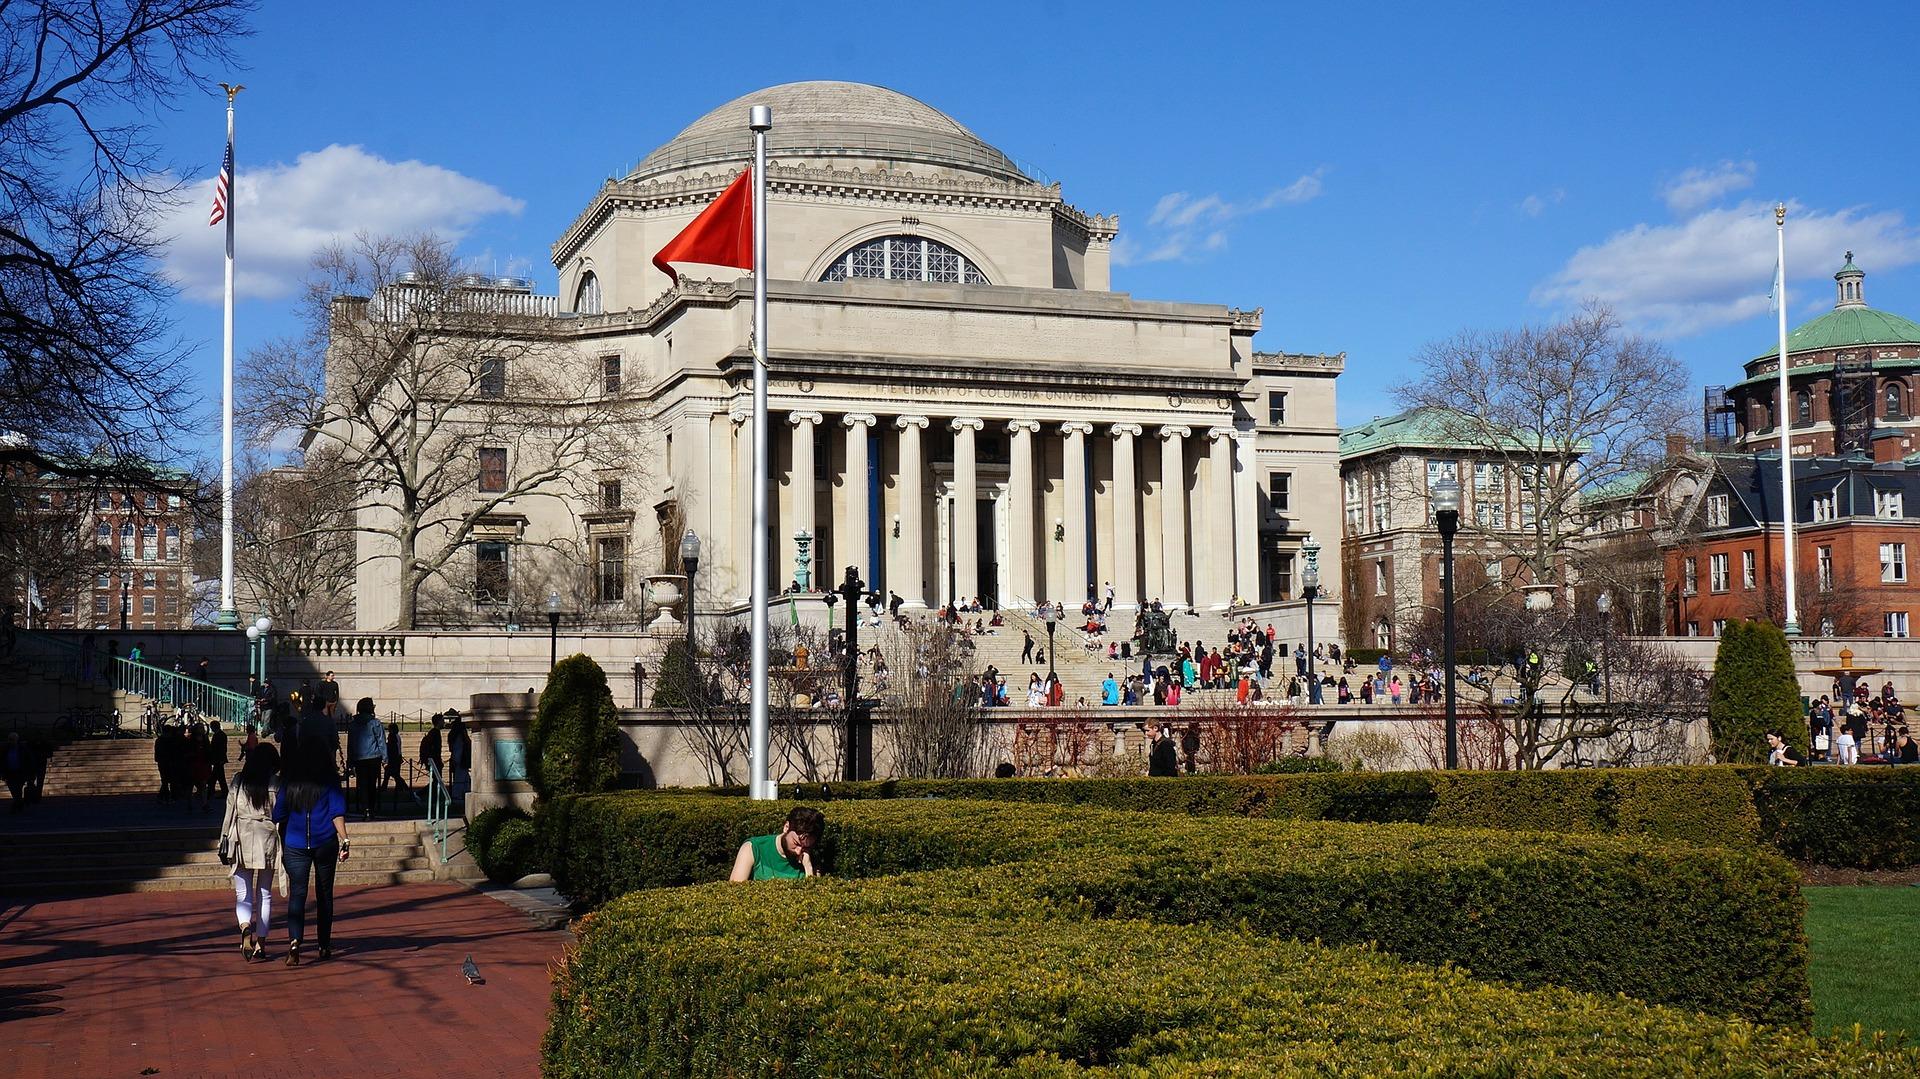 Por dentro da Universidade Columbia 1